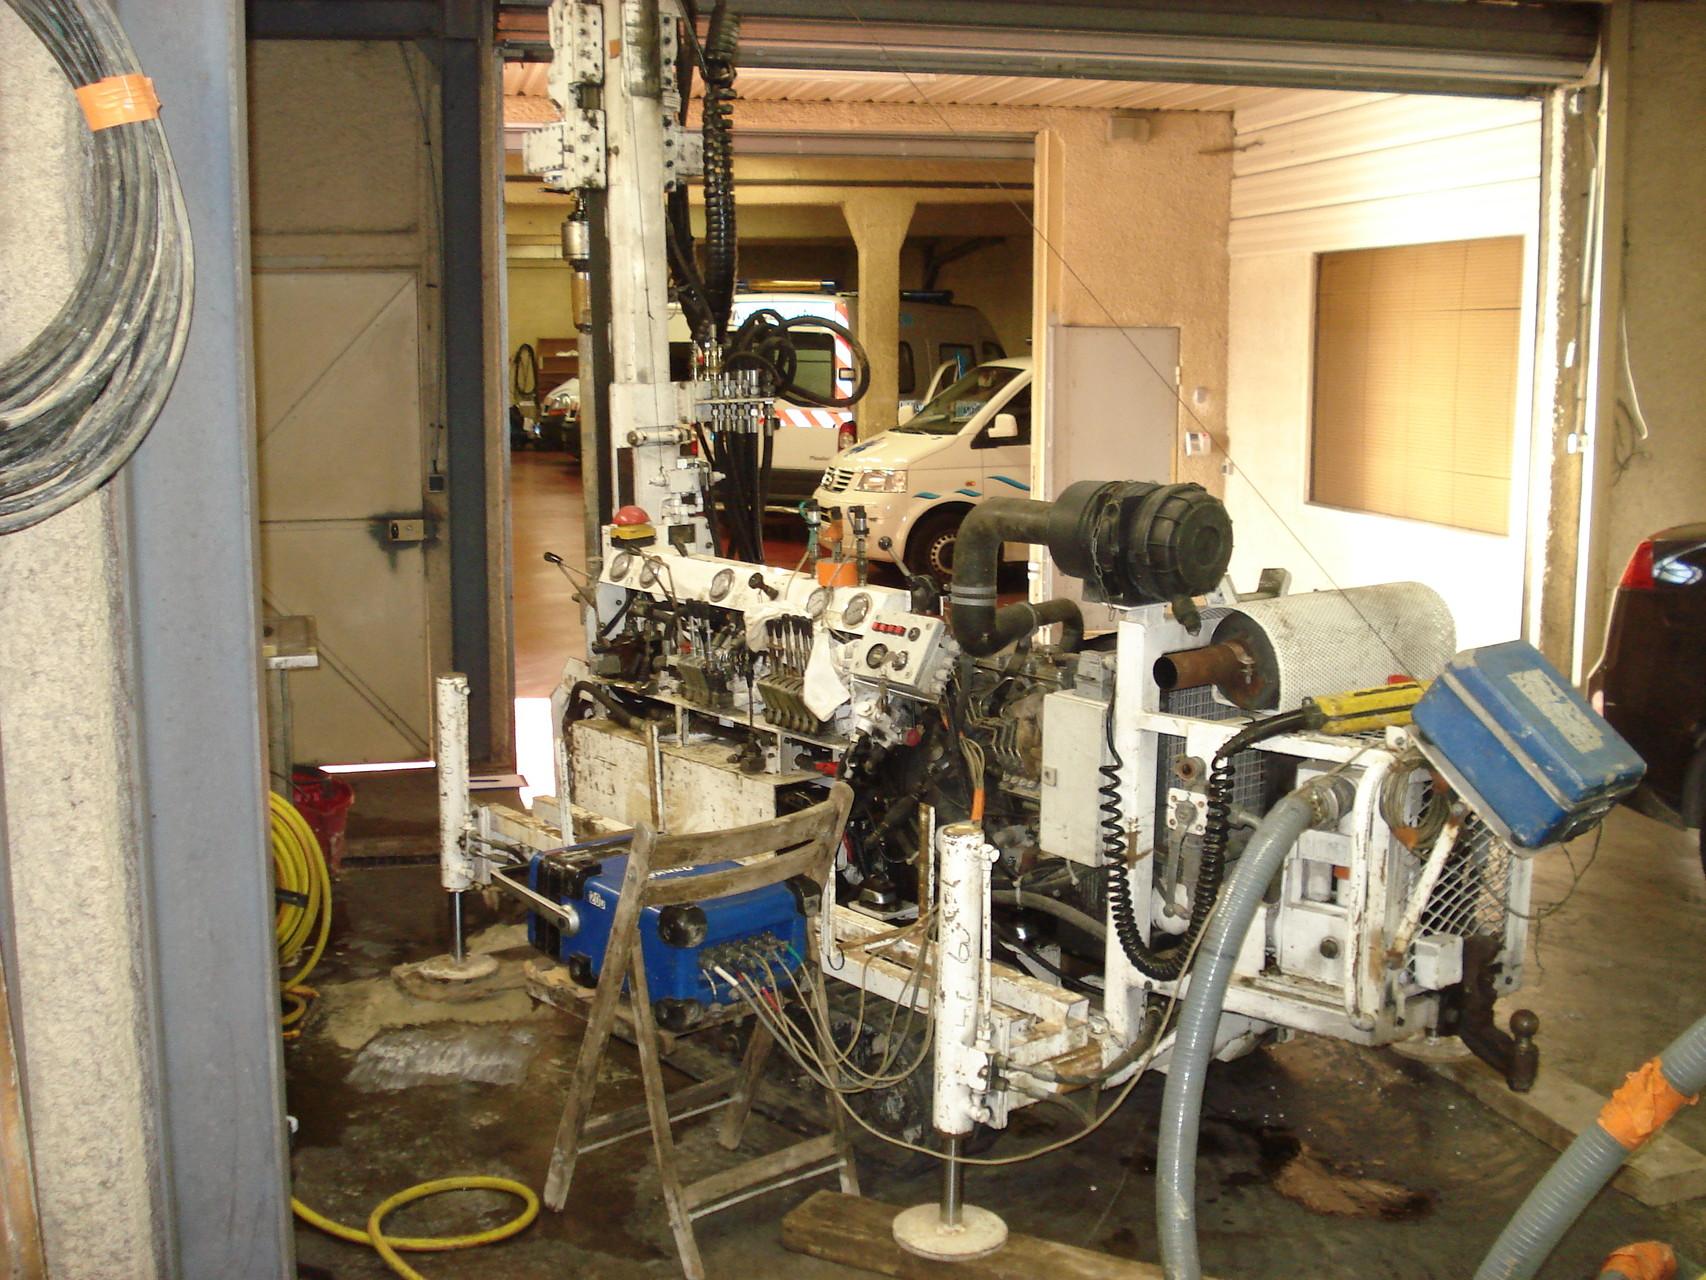 Sondage 30 ml de profondeur dans parking